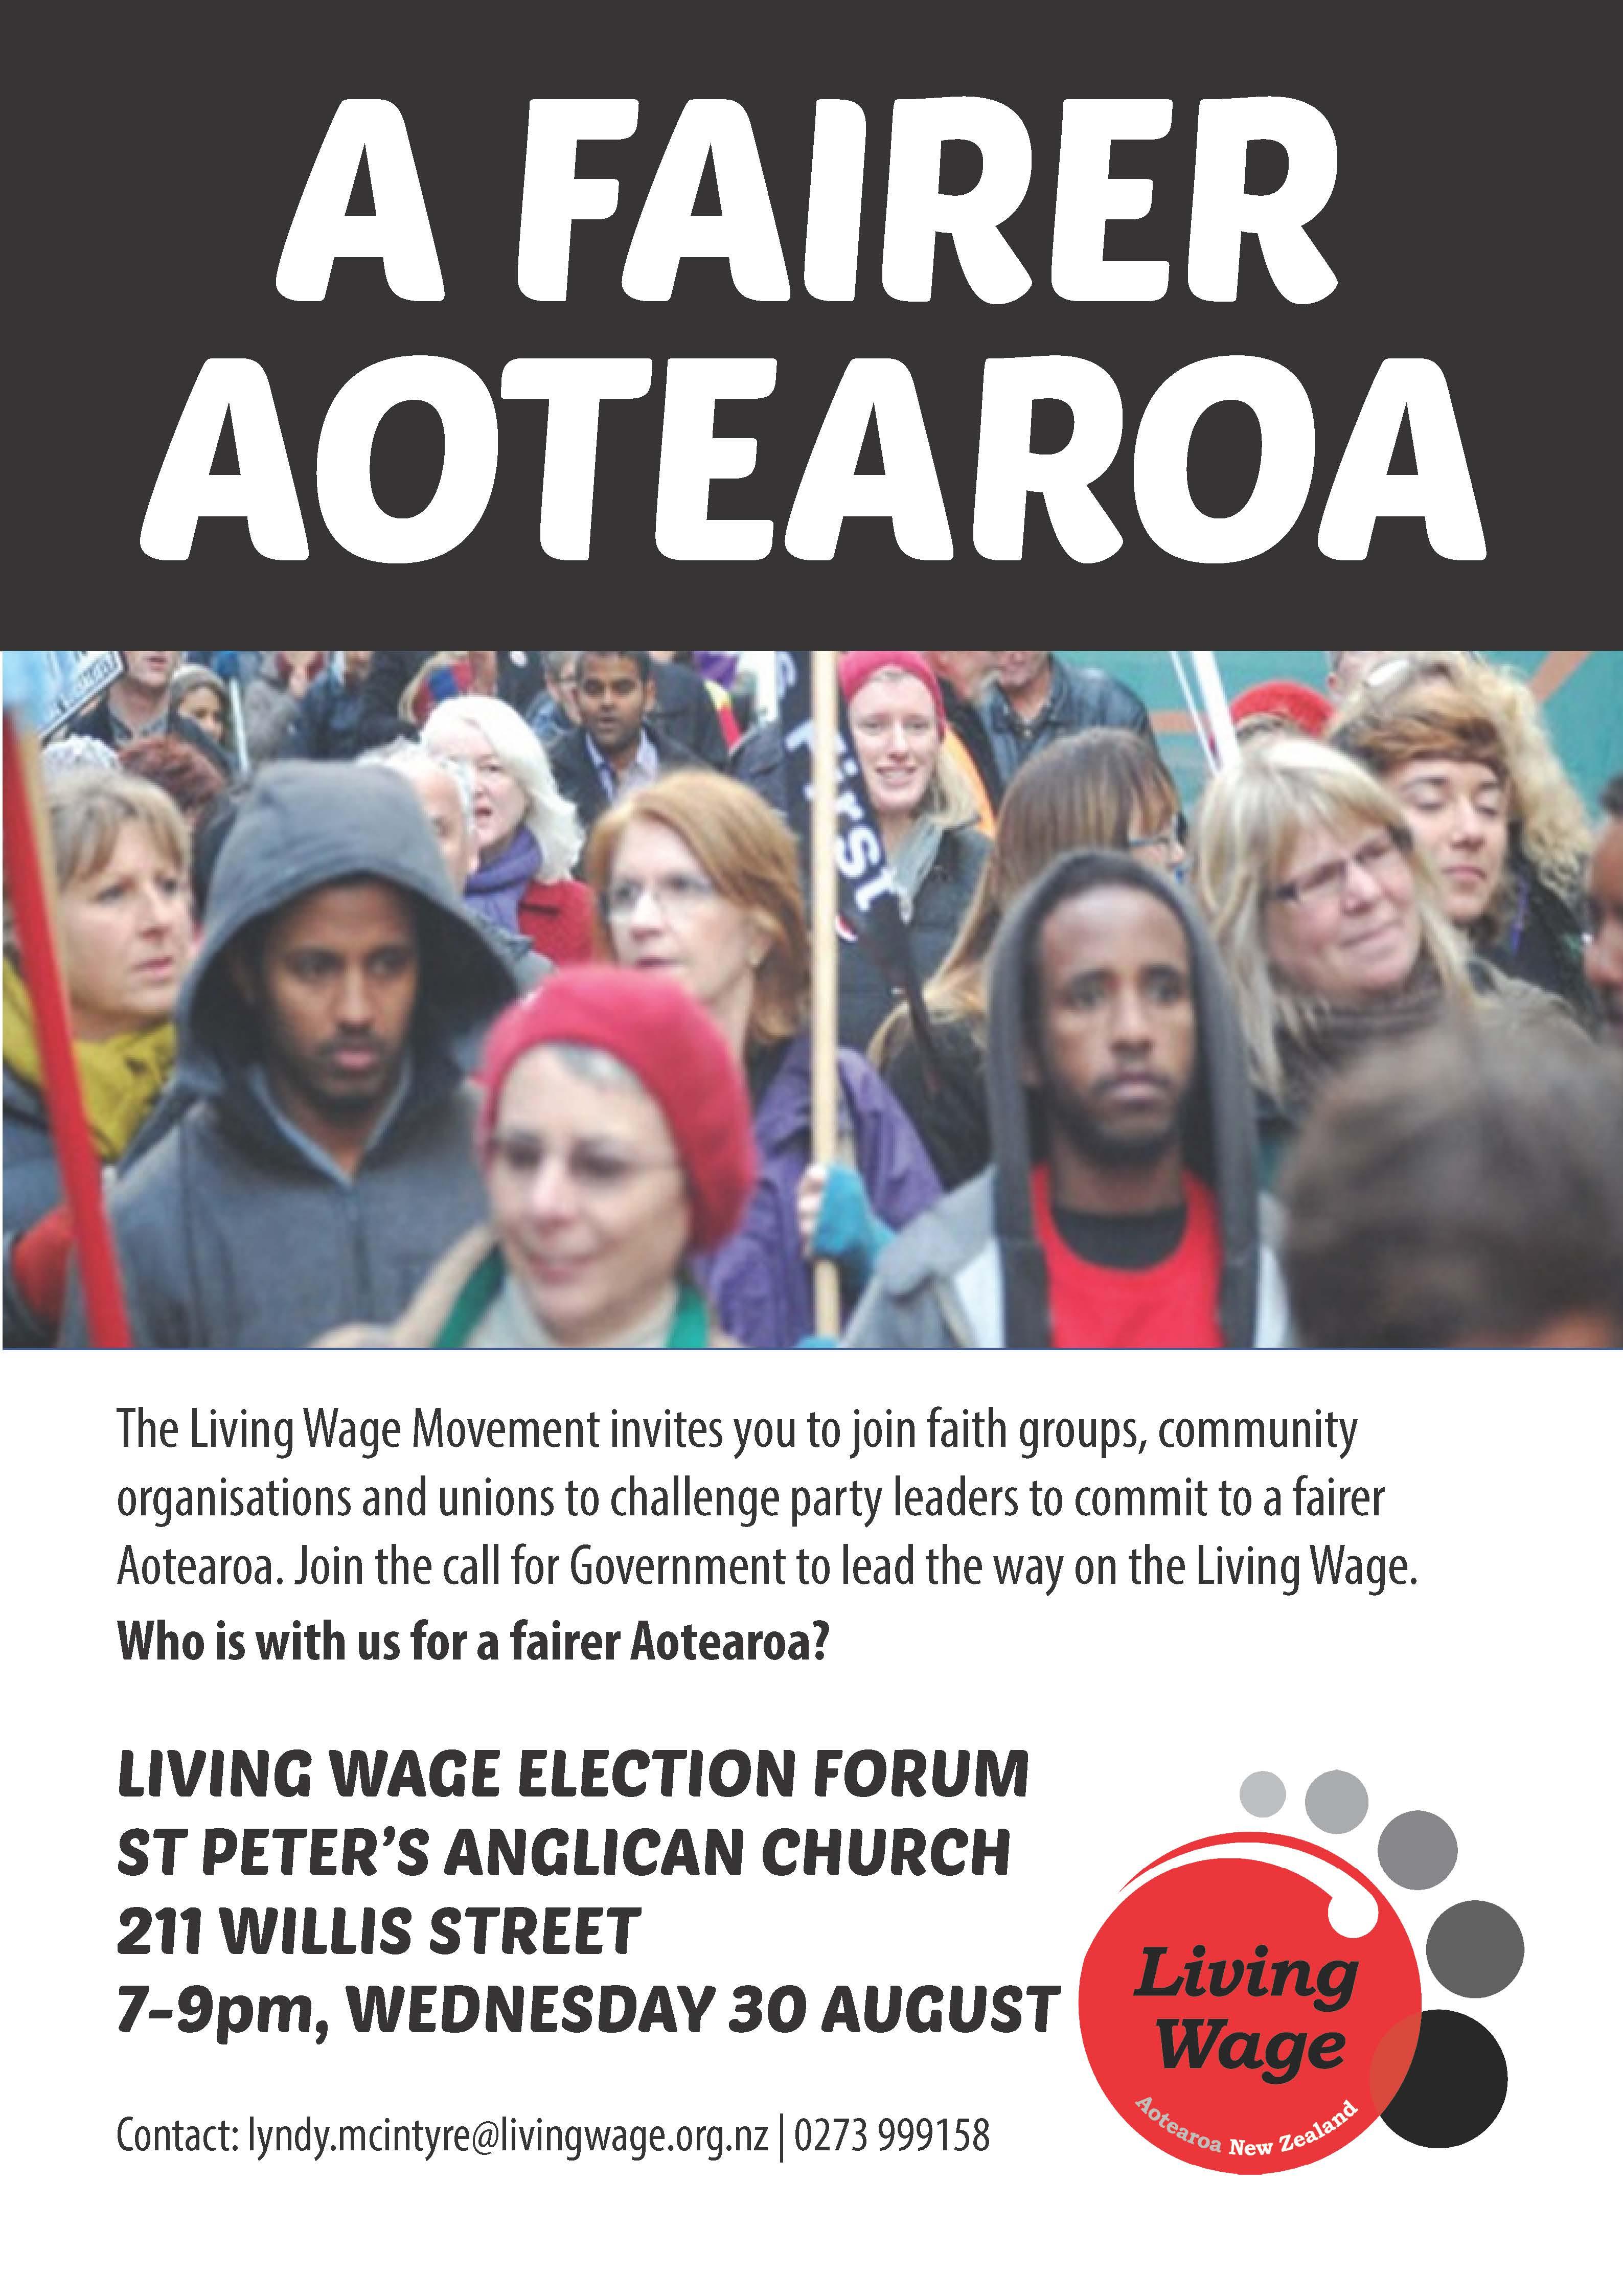 A-Fairer-Aotearoa-Wellington.jpg